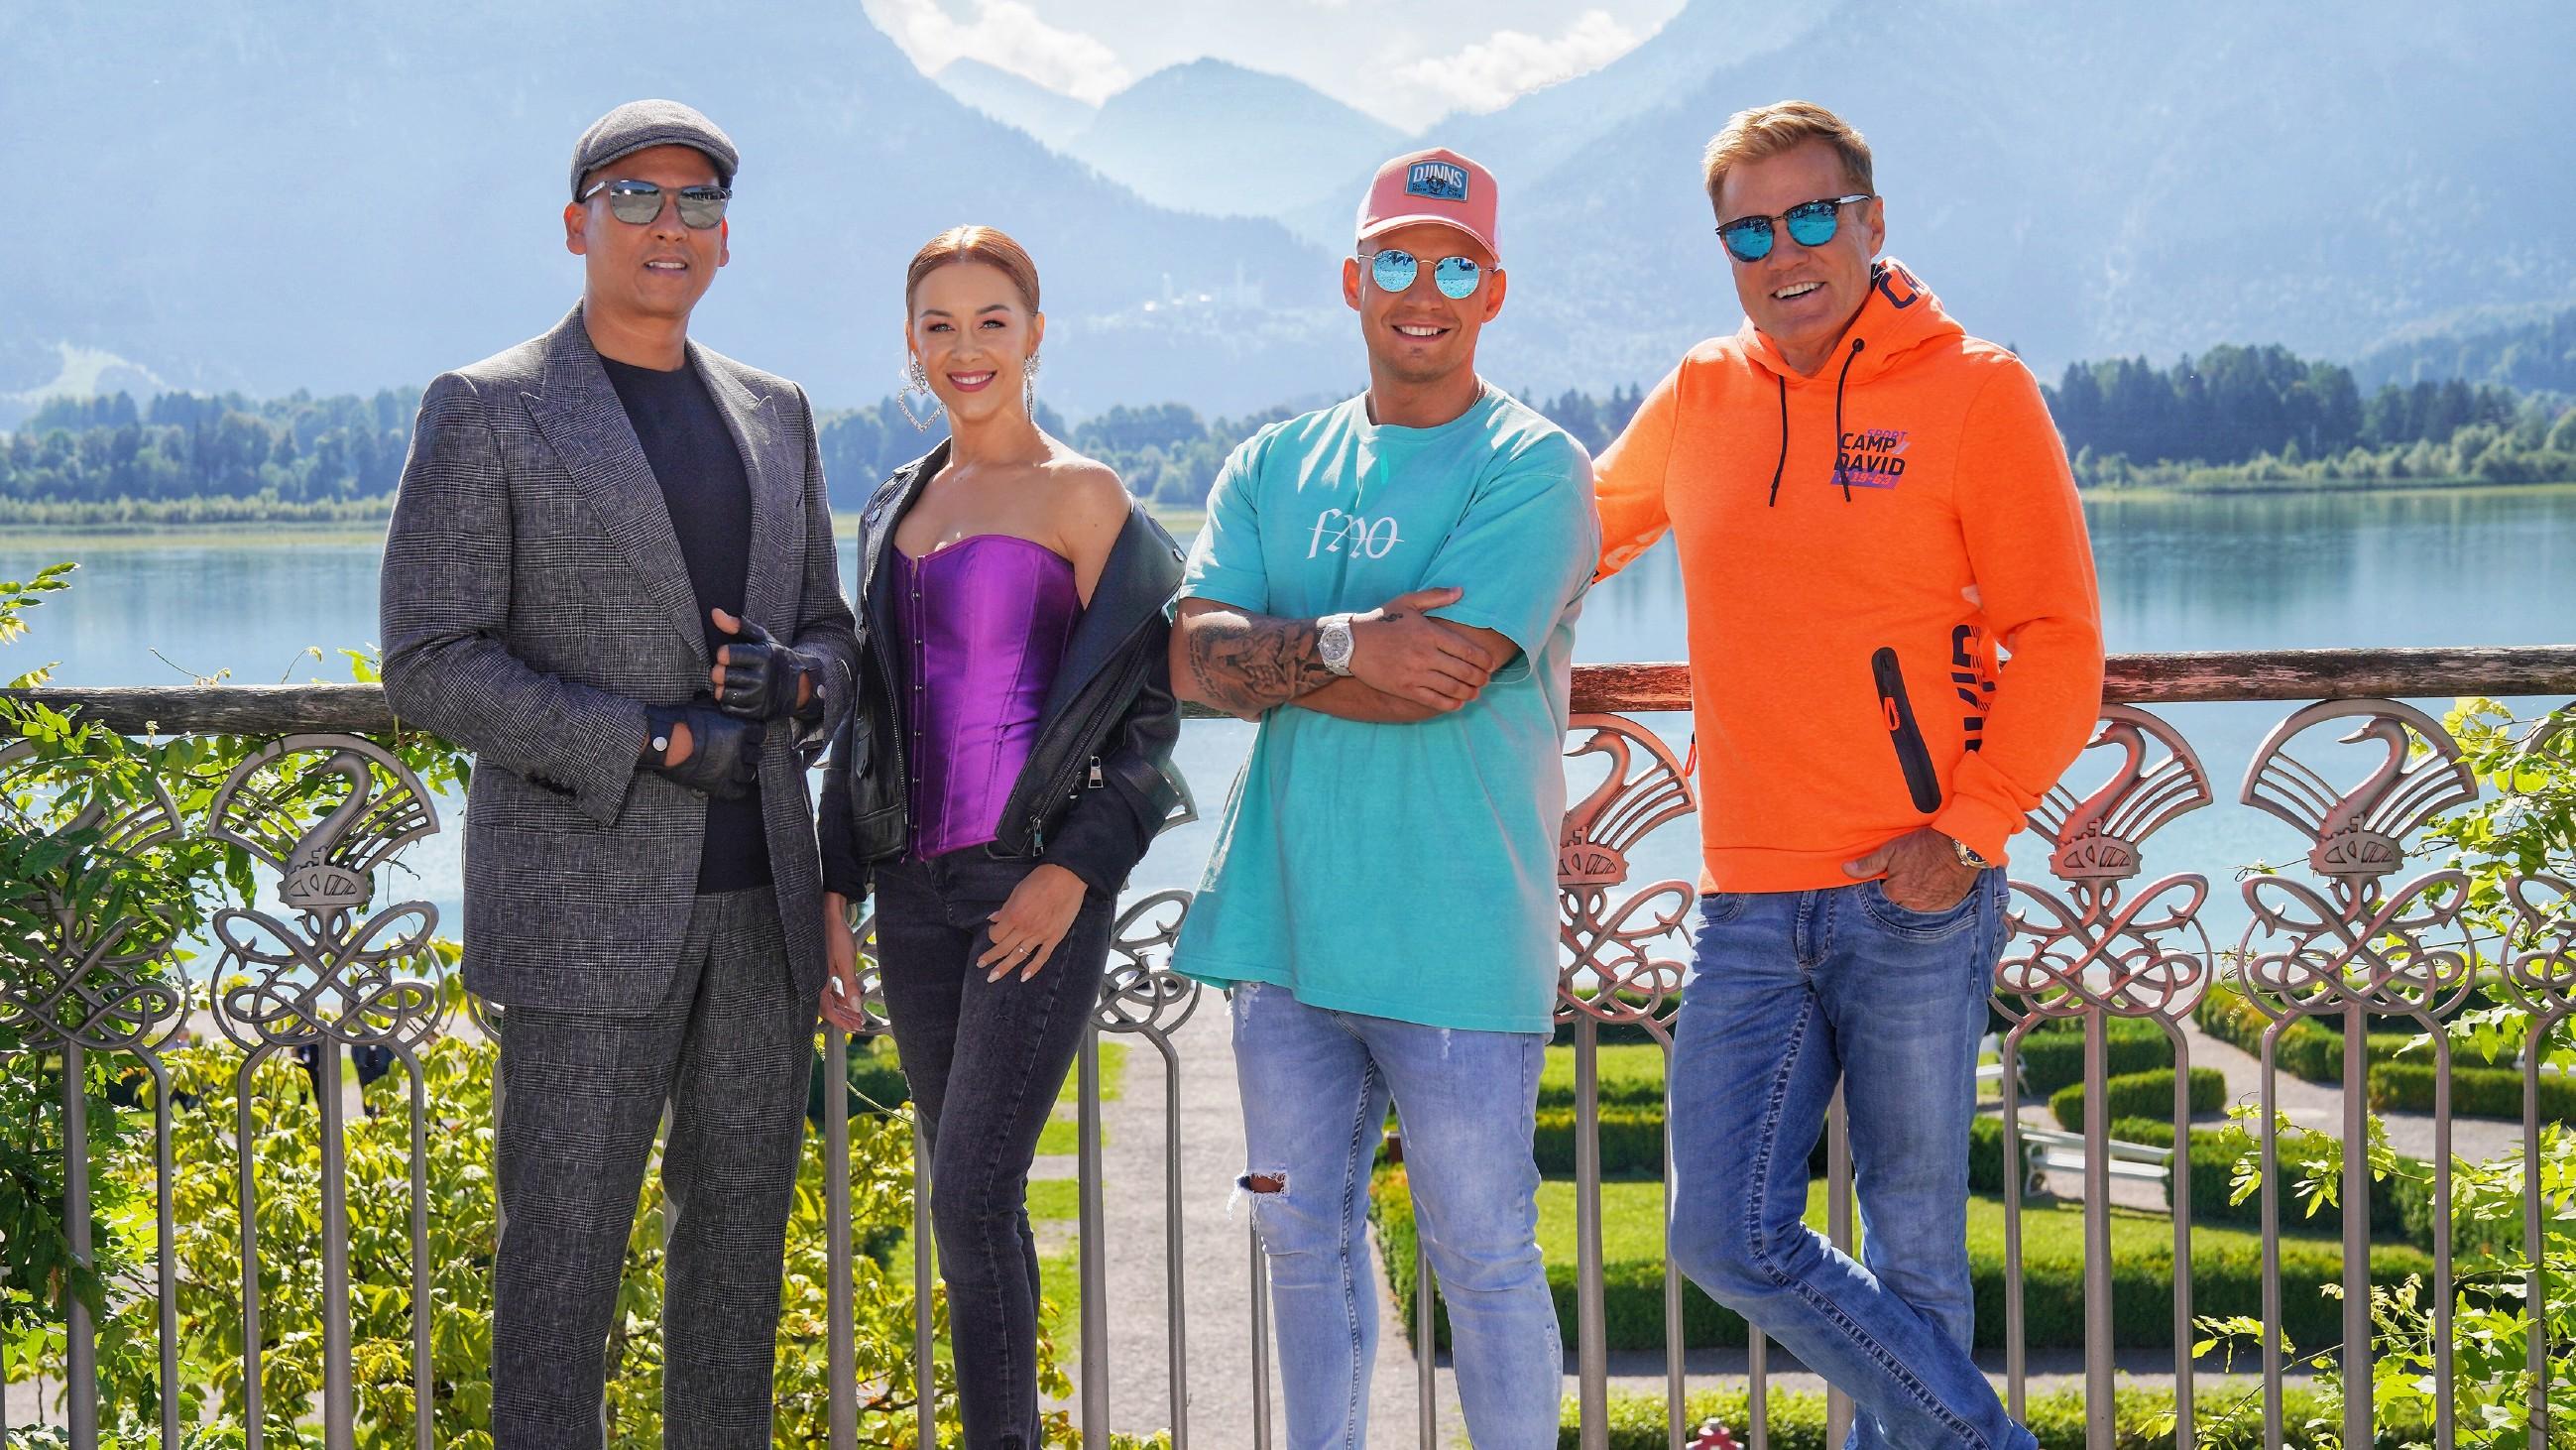 DSDS 2020: Die Kandidaten im siebten Casting bei RTL